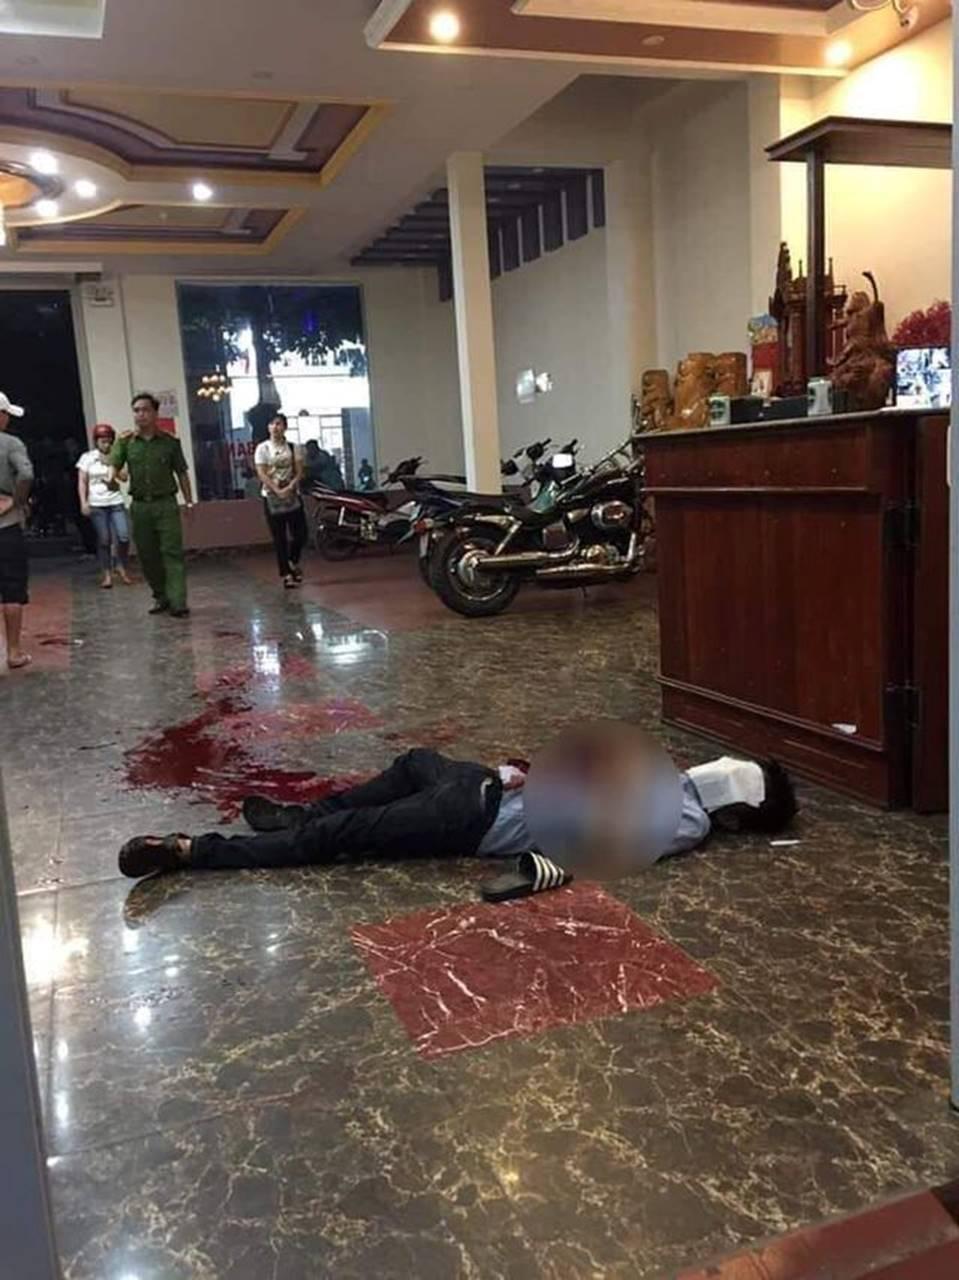 Cán bộ huyện dùng dao bầu đâm đồng nghiệp tử vong tại quán karaoke-1